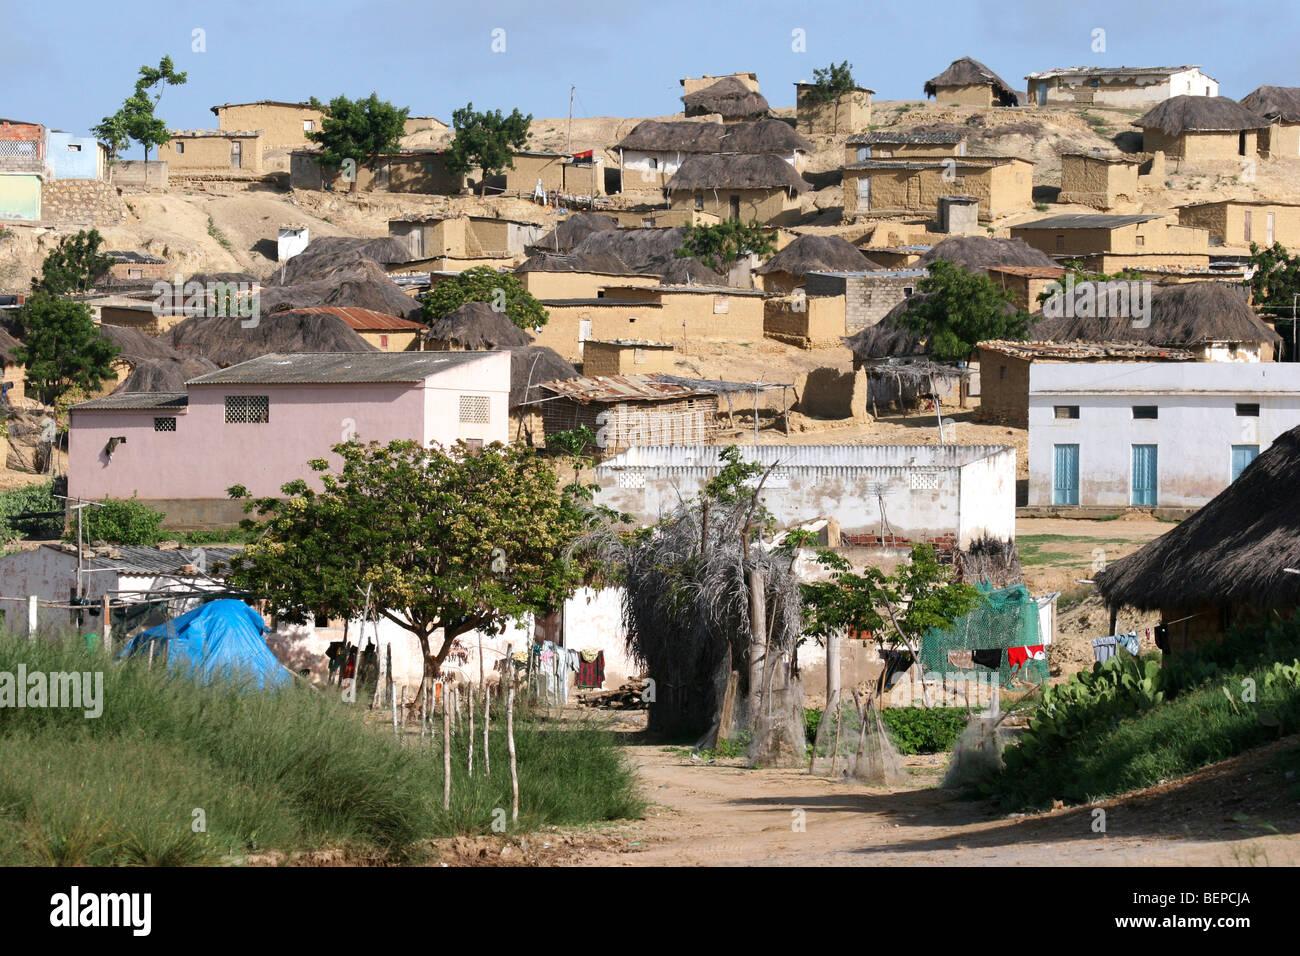 Image result for village in africa